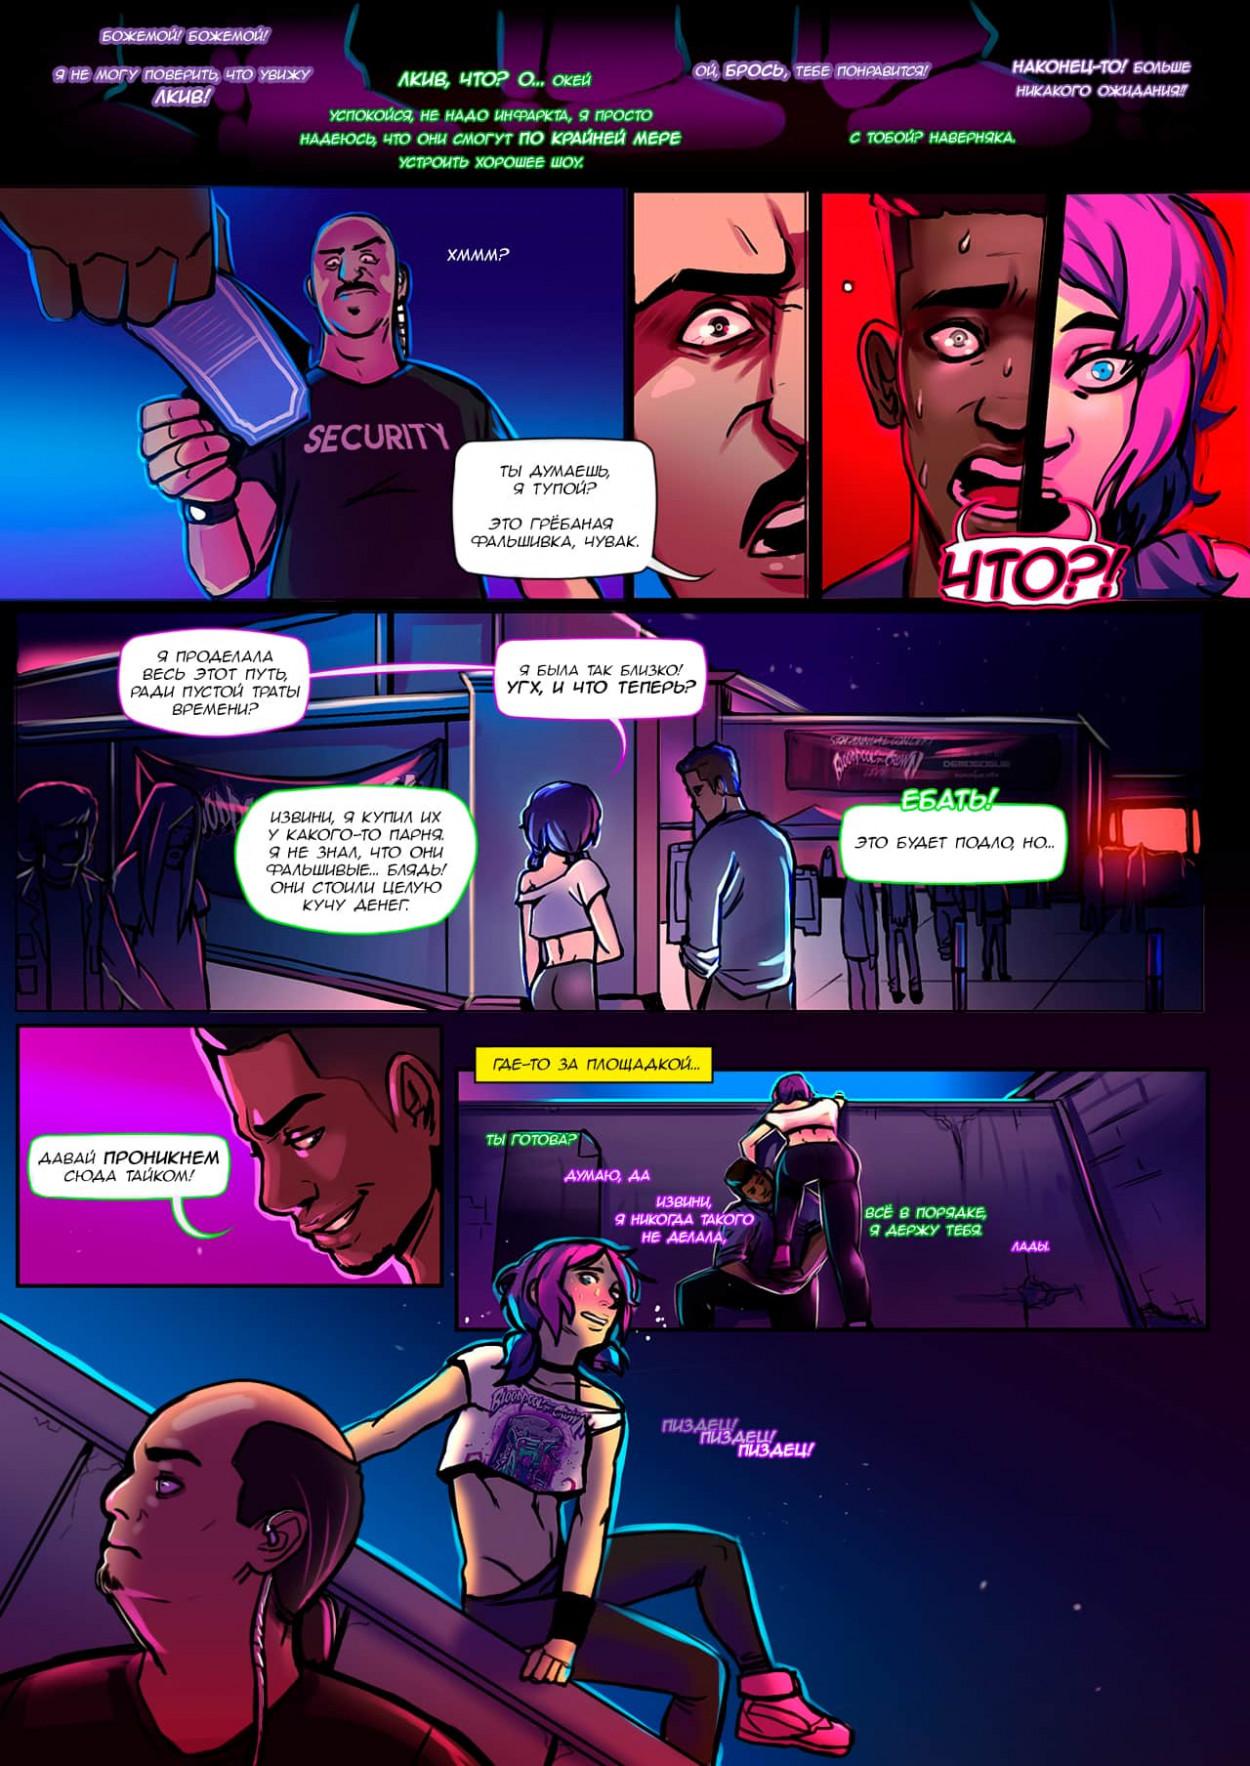 Чёрный ход - порно комиксы Анал, Без цензуры, Большие члены, Измена, Минет, Порно комиксы